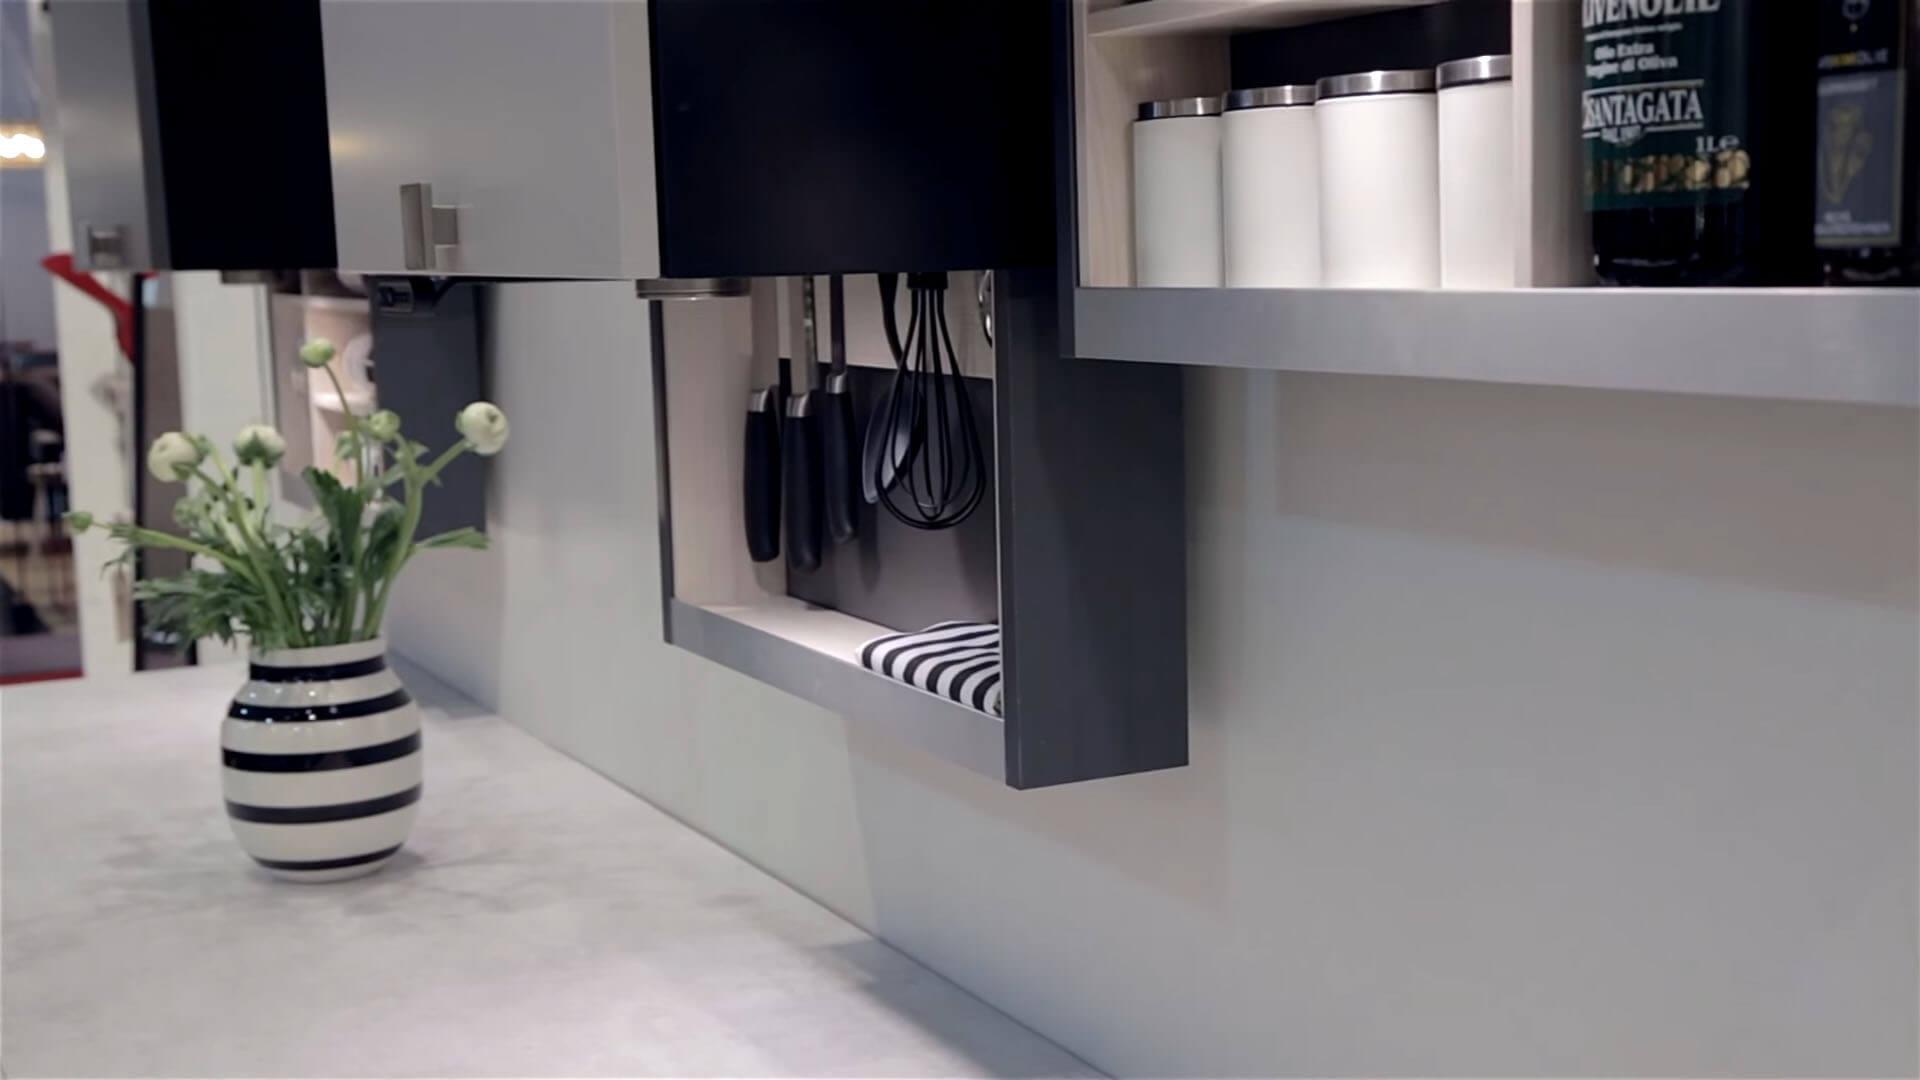 Keuken Zonder Afzuigkap : Verstelbare afzuigkappen benedenwaartse afzuiginstallaties in